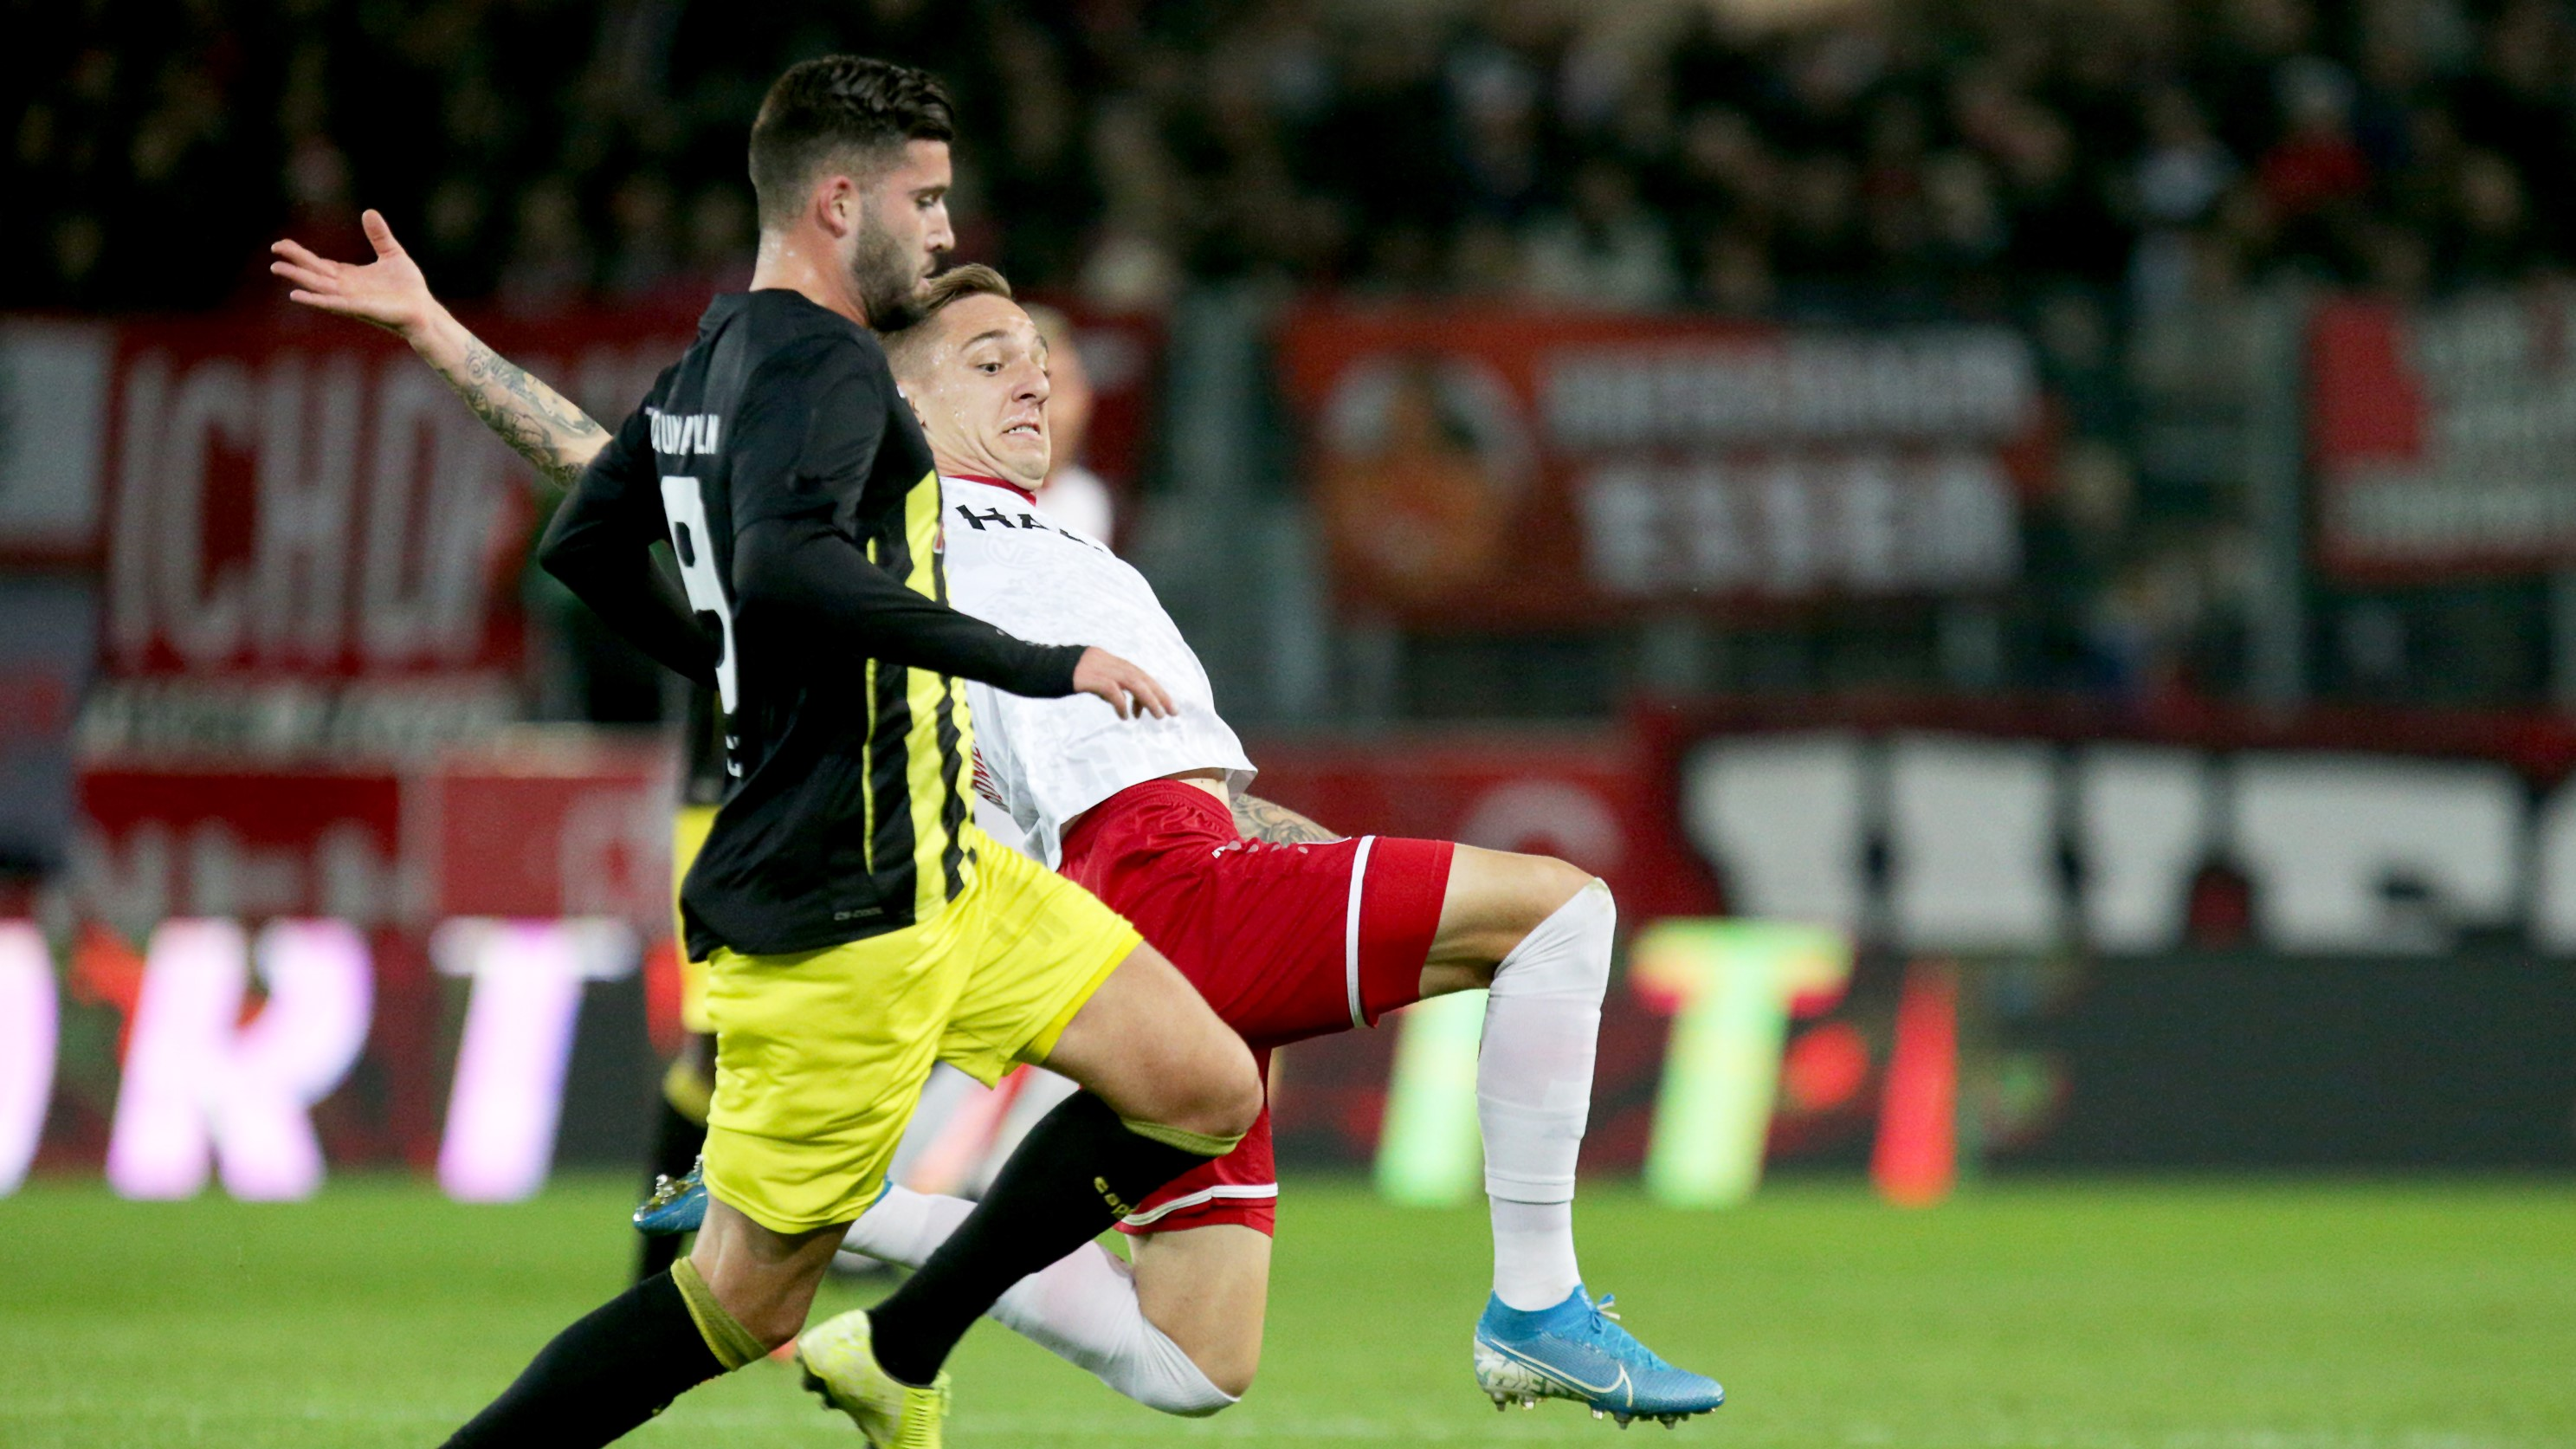 RWE-Kapitän Kehl-Gomez und Kollegen treten zum 8. Spieltag bei Fortuna Köln an.